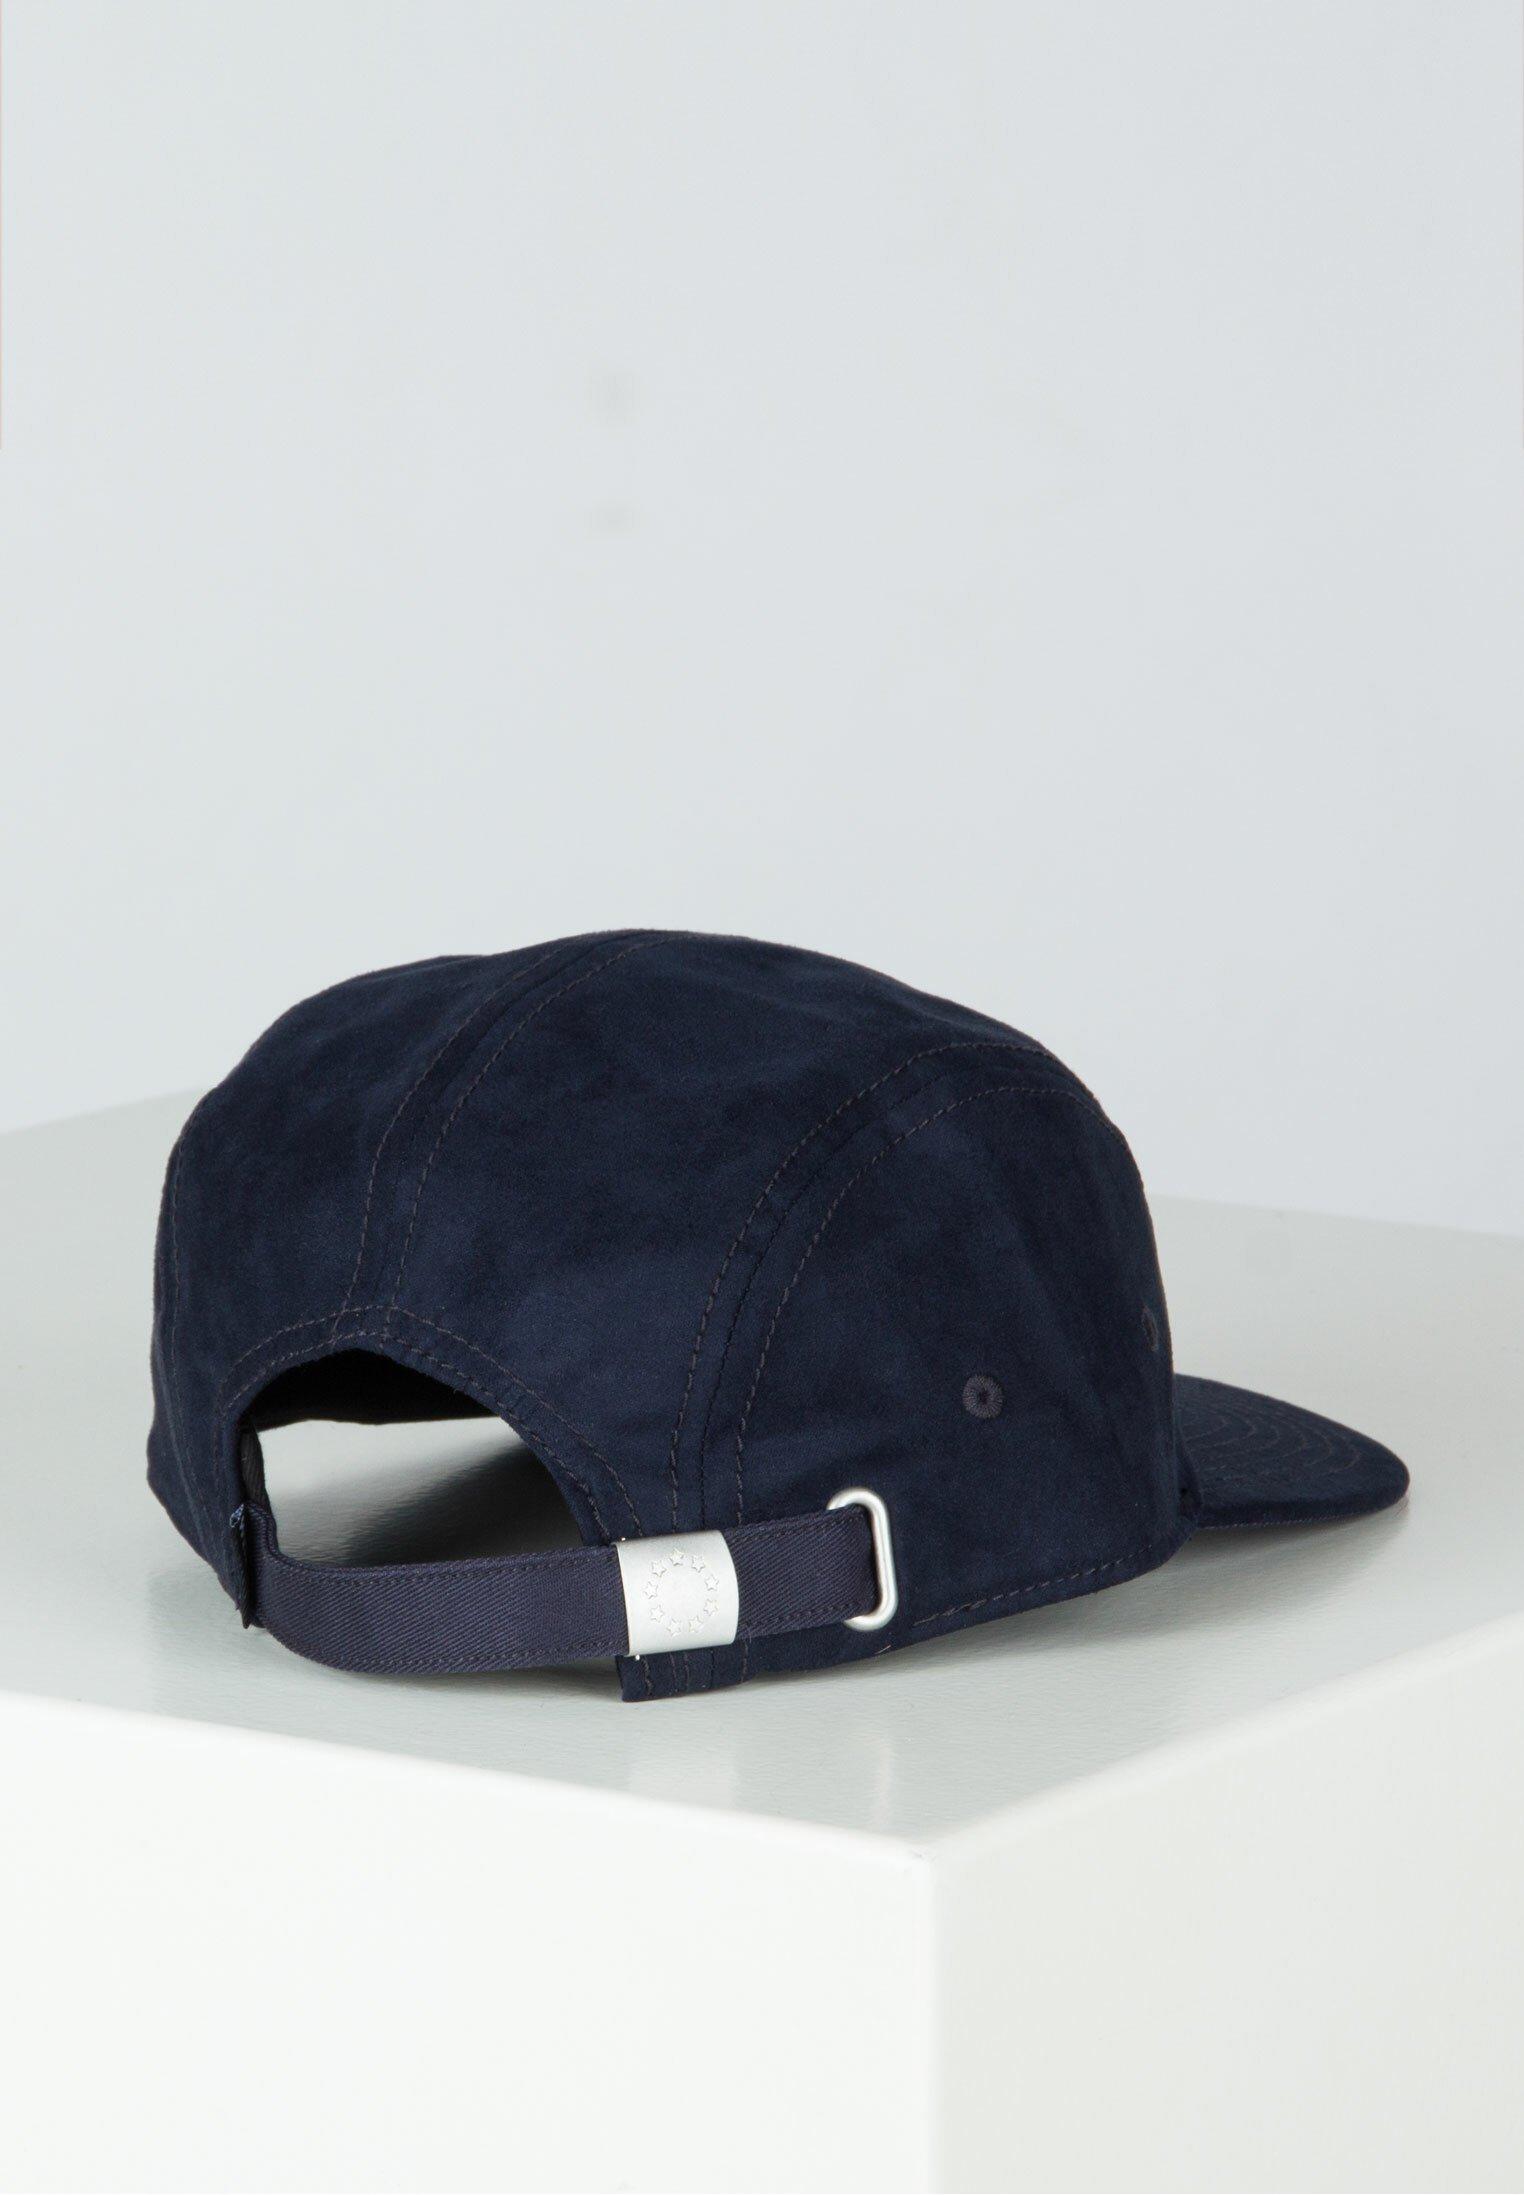 Wemoto Flat Studio - Cap Navy/dunkelblau